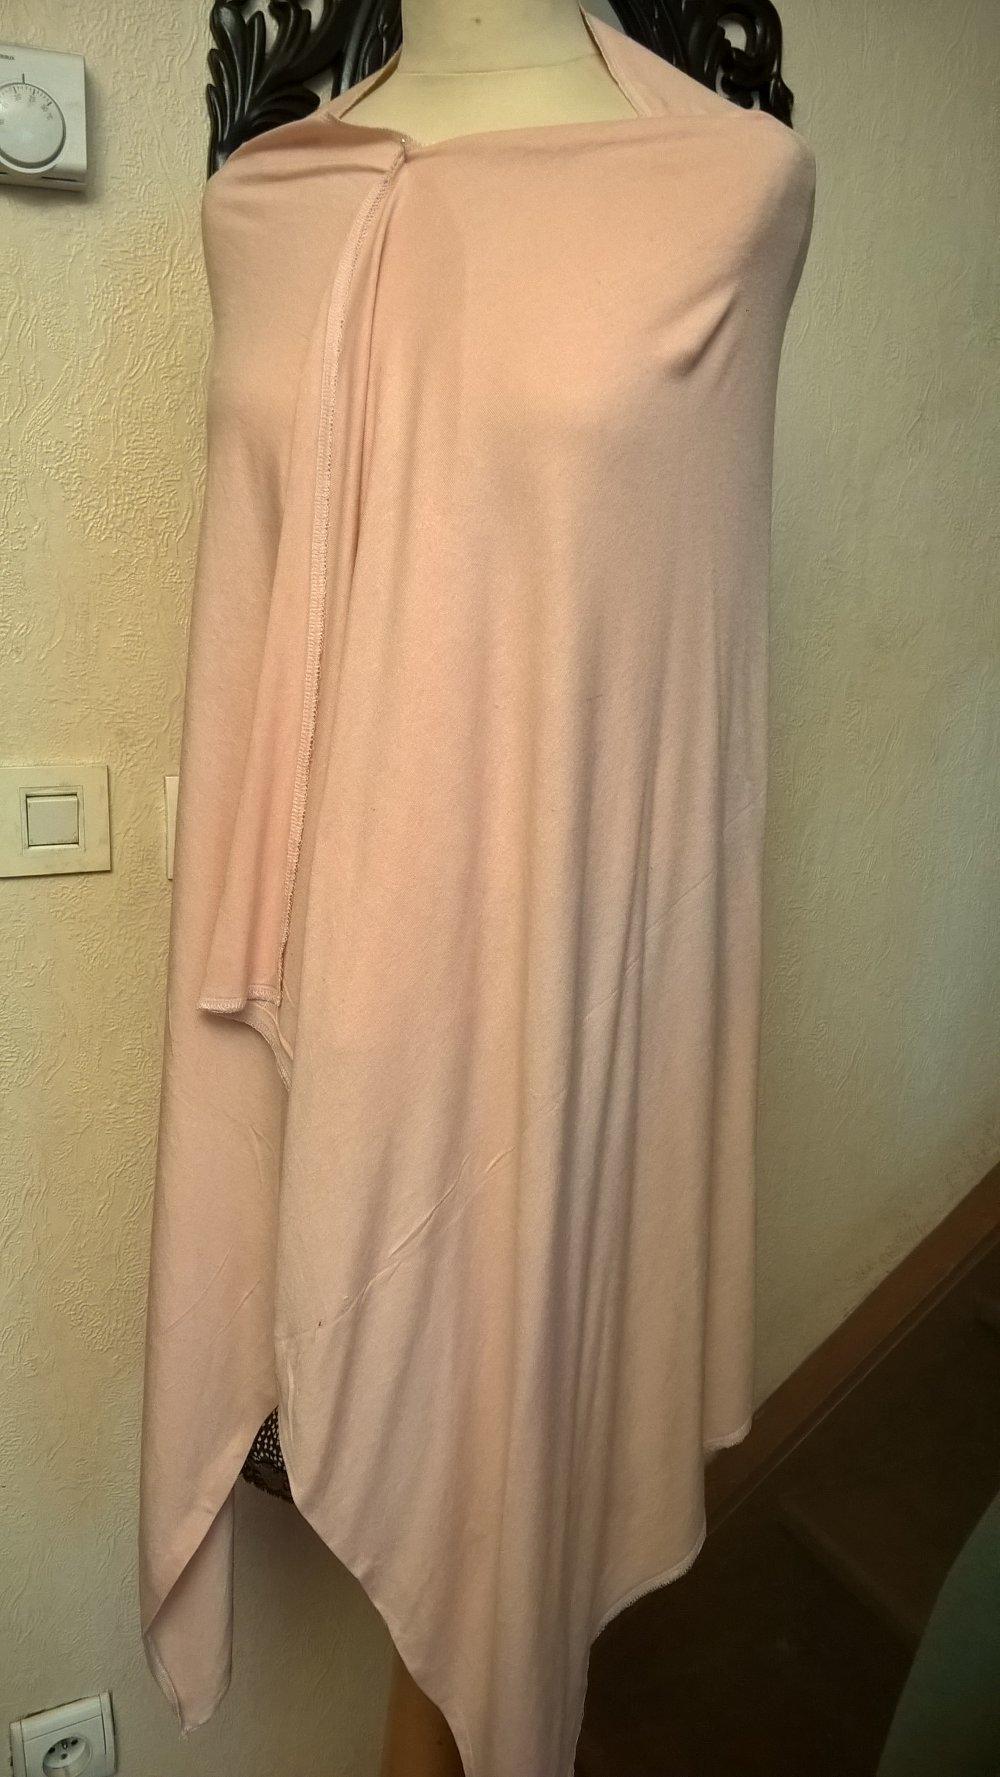 Étole de mariage,en maille de coton et élasthanne,de couleur rose,écharpe femme,écharpe fille,cadeau femme